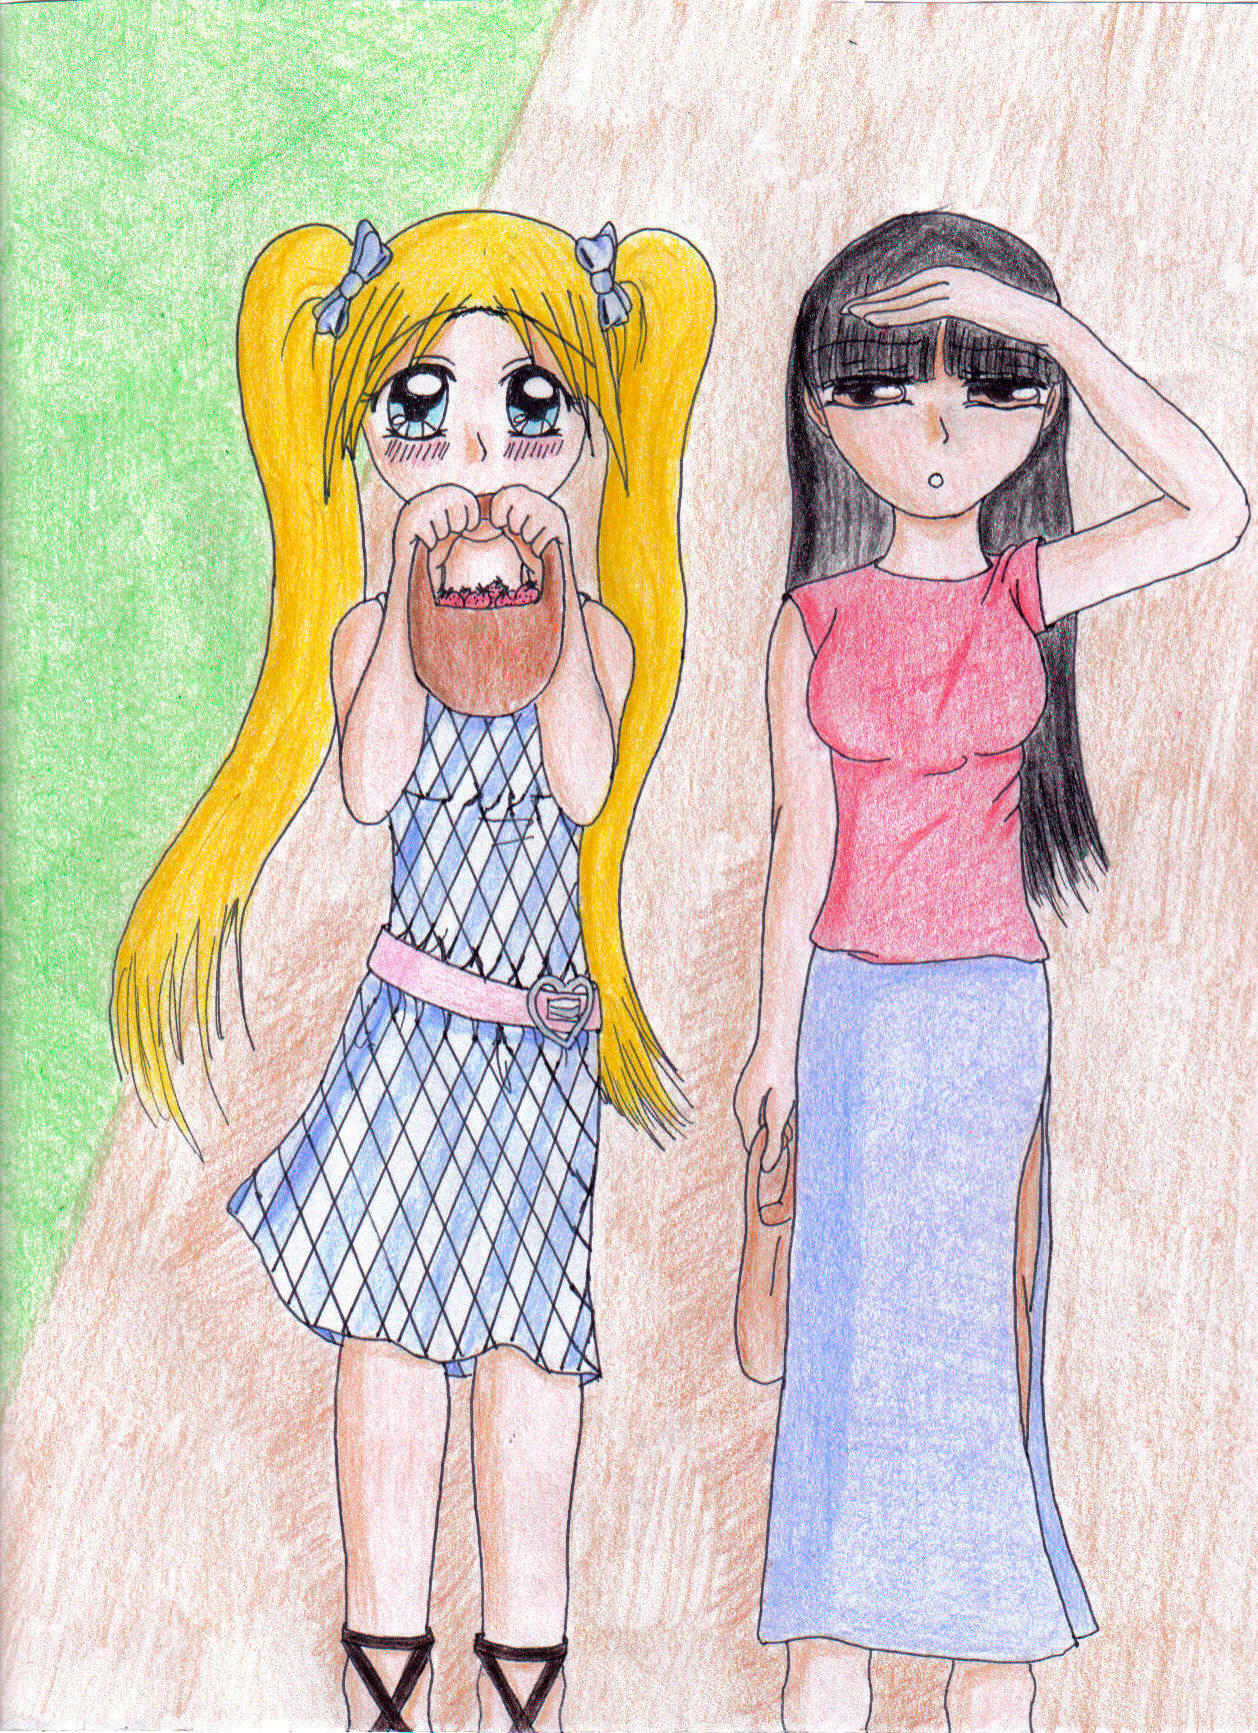 Tsuru and Maiko by Saenda